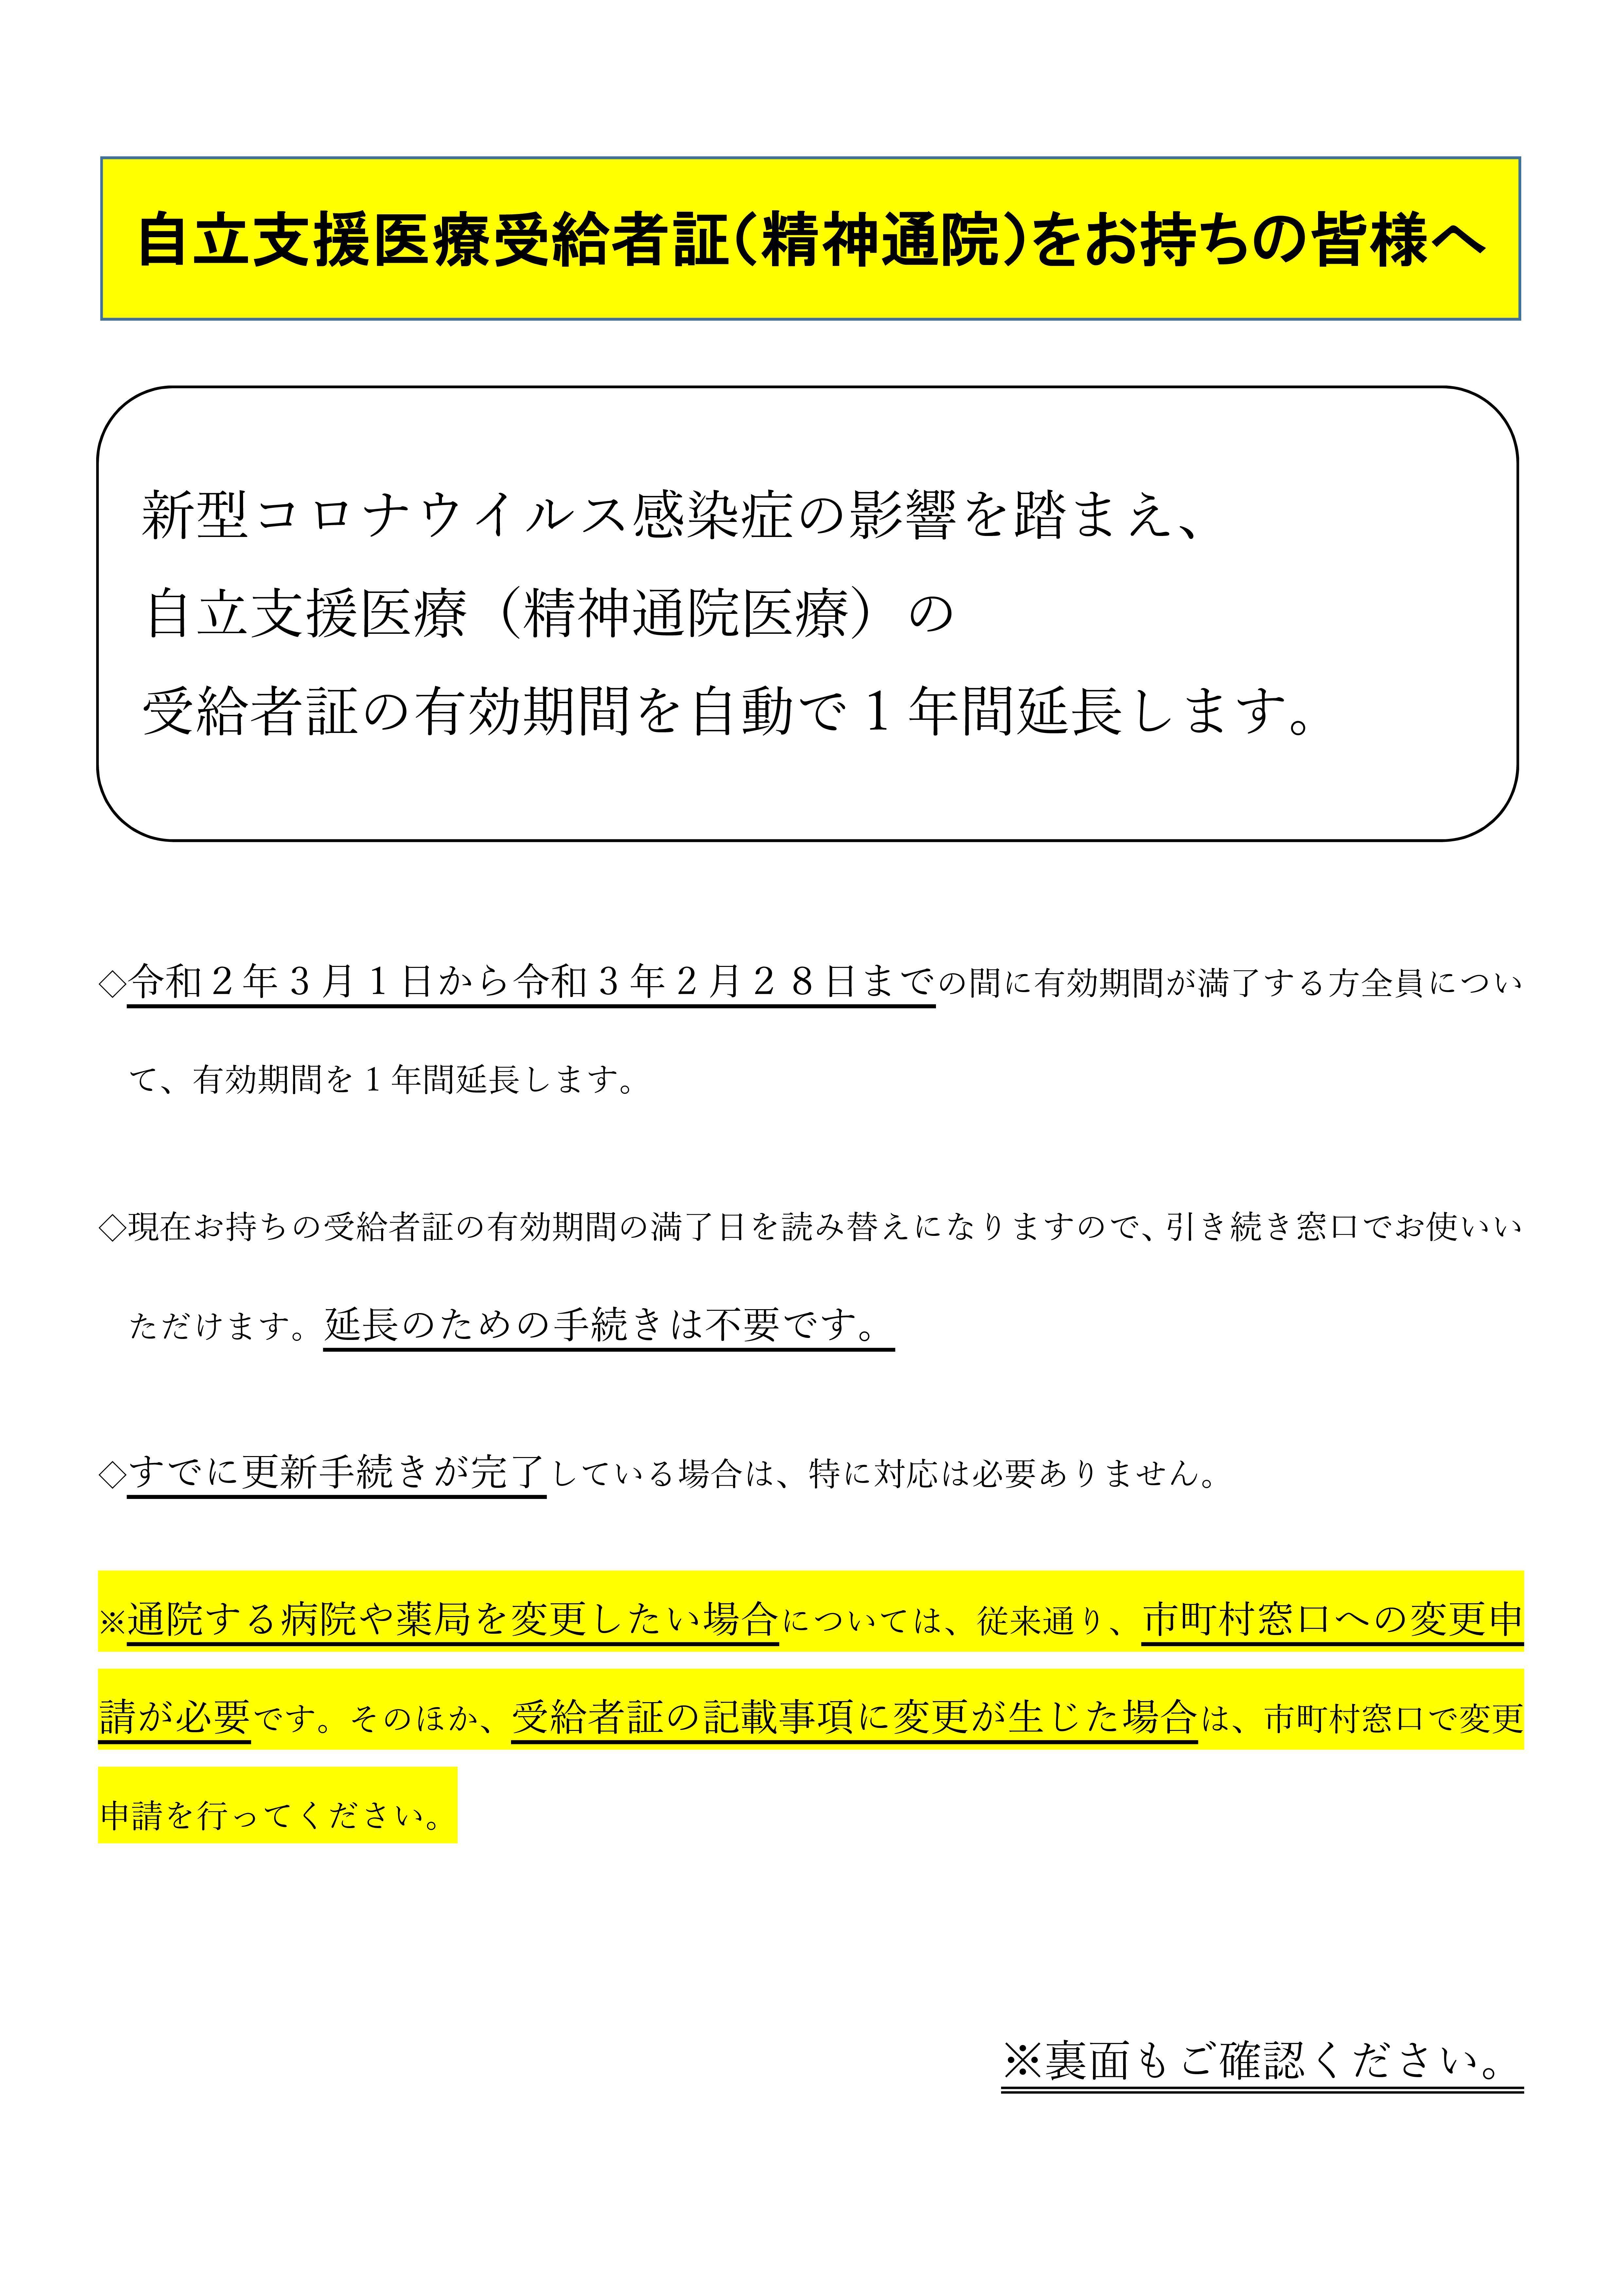 PDF ファイル-01.jpg